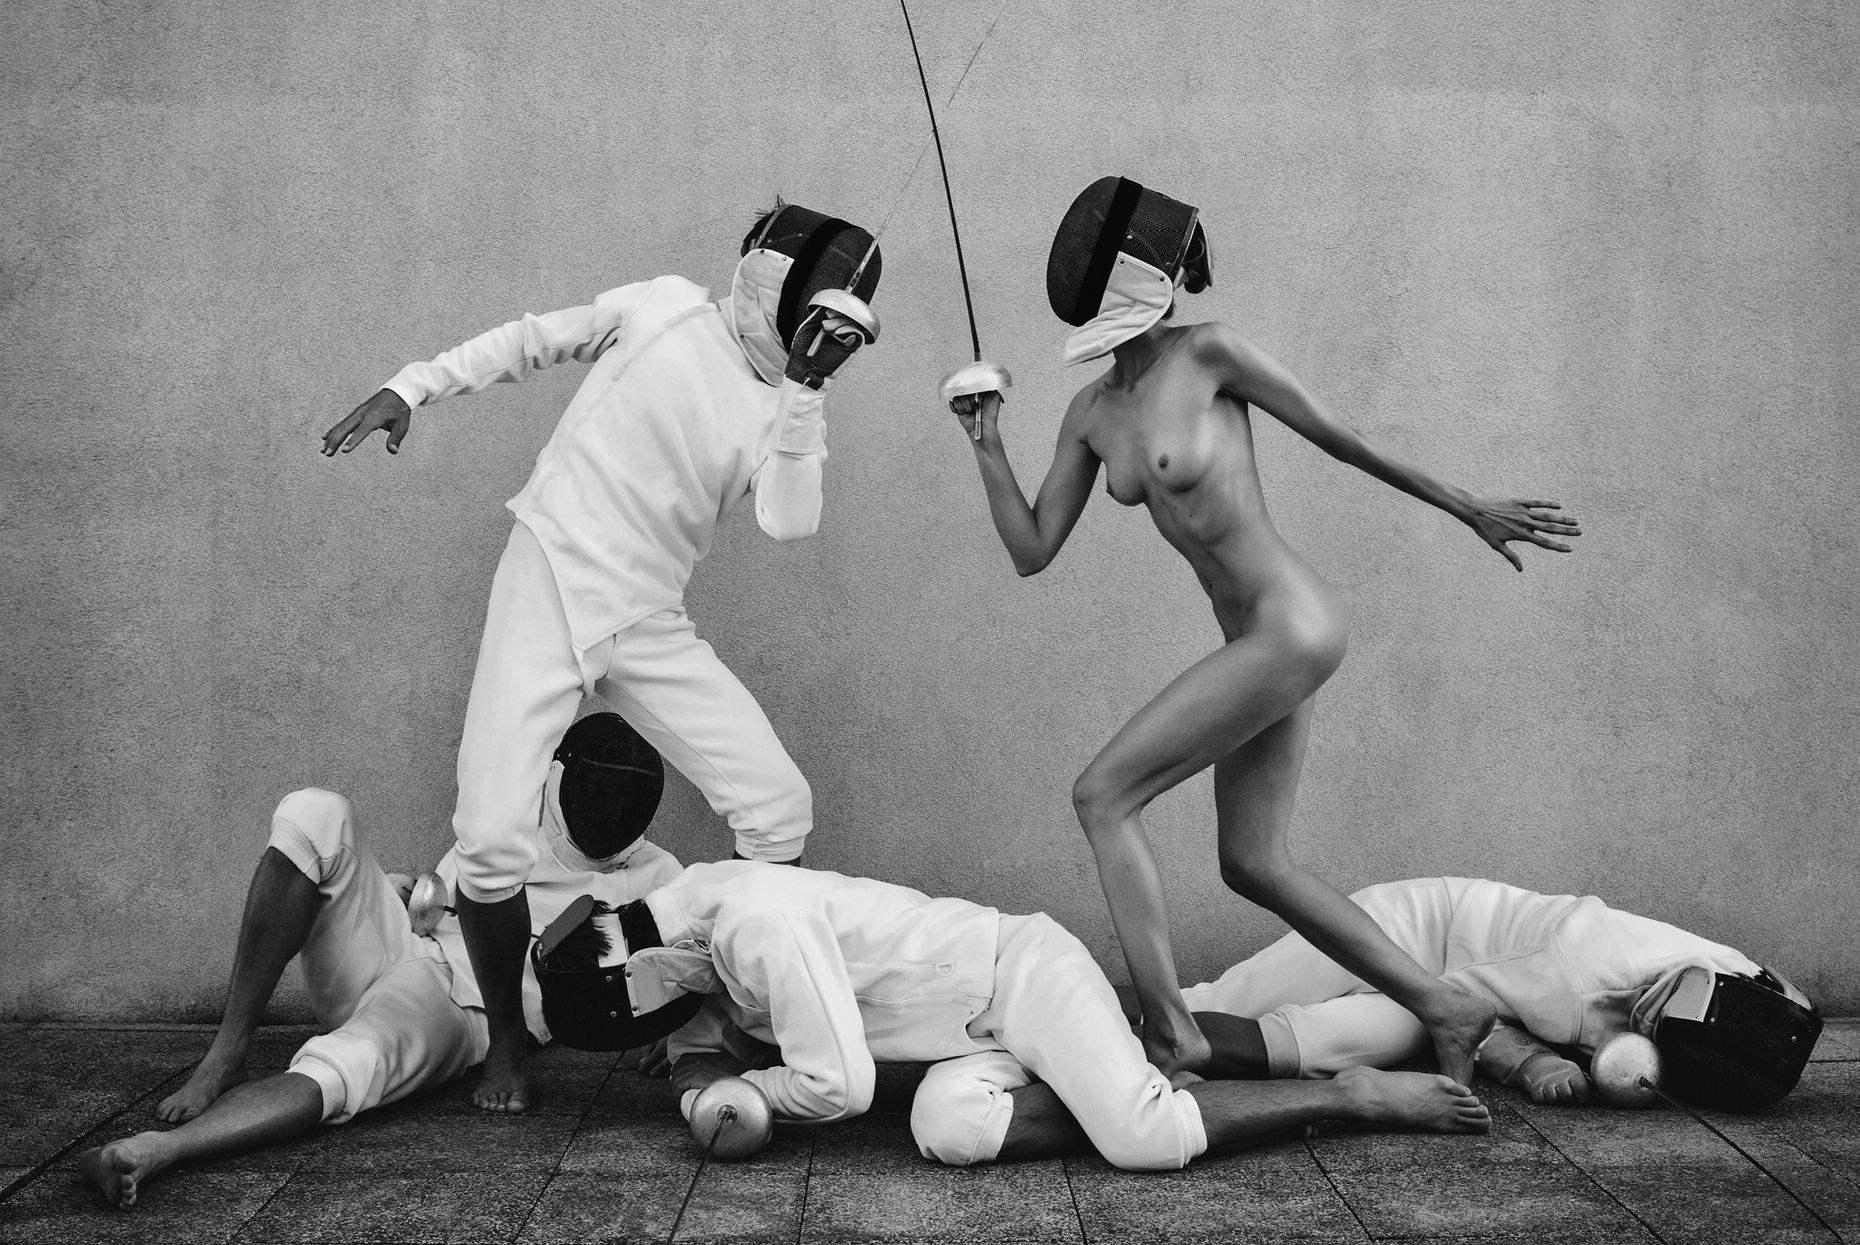 Nude Fencing 26